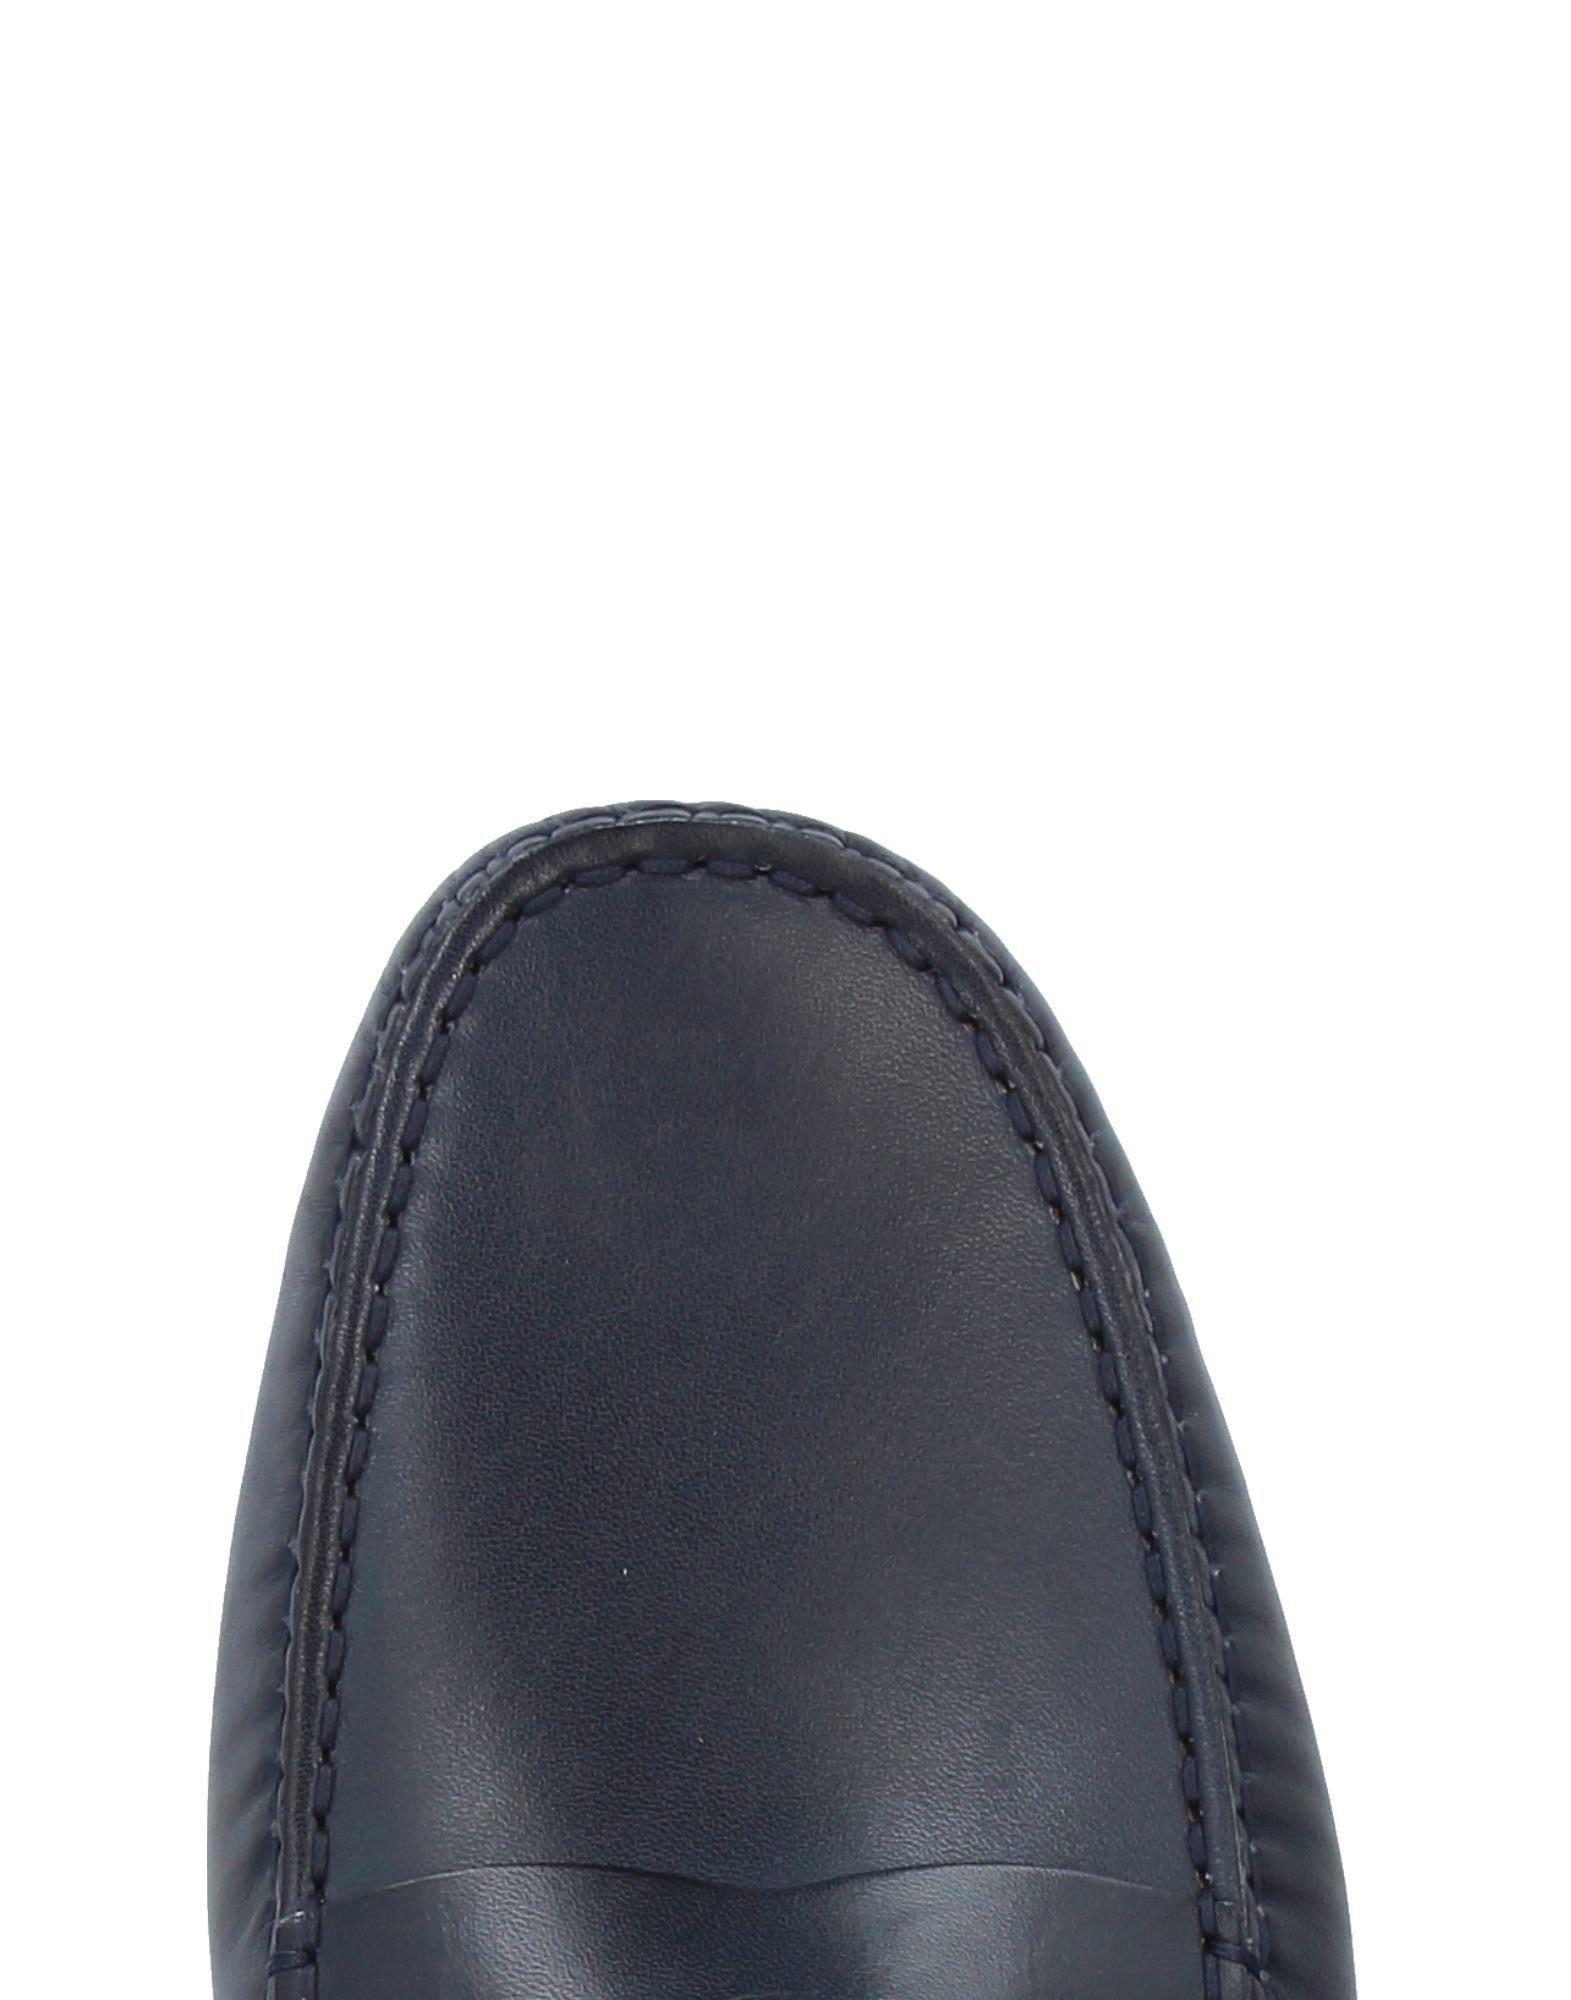 Tod's Mokassins Herren beliebte  11157713DD Gute Qualität beliebte Herren Schuhe c7566f